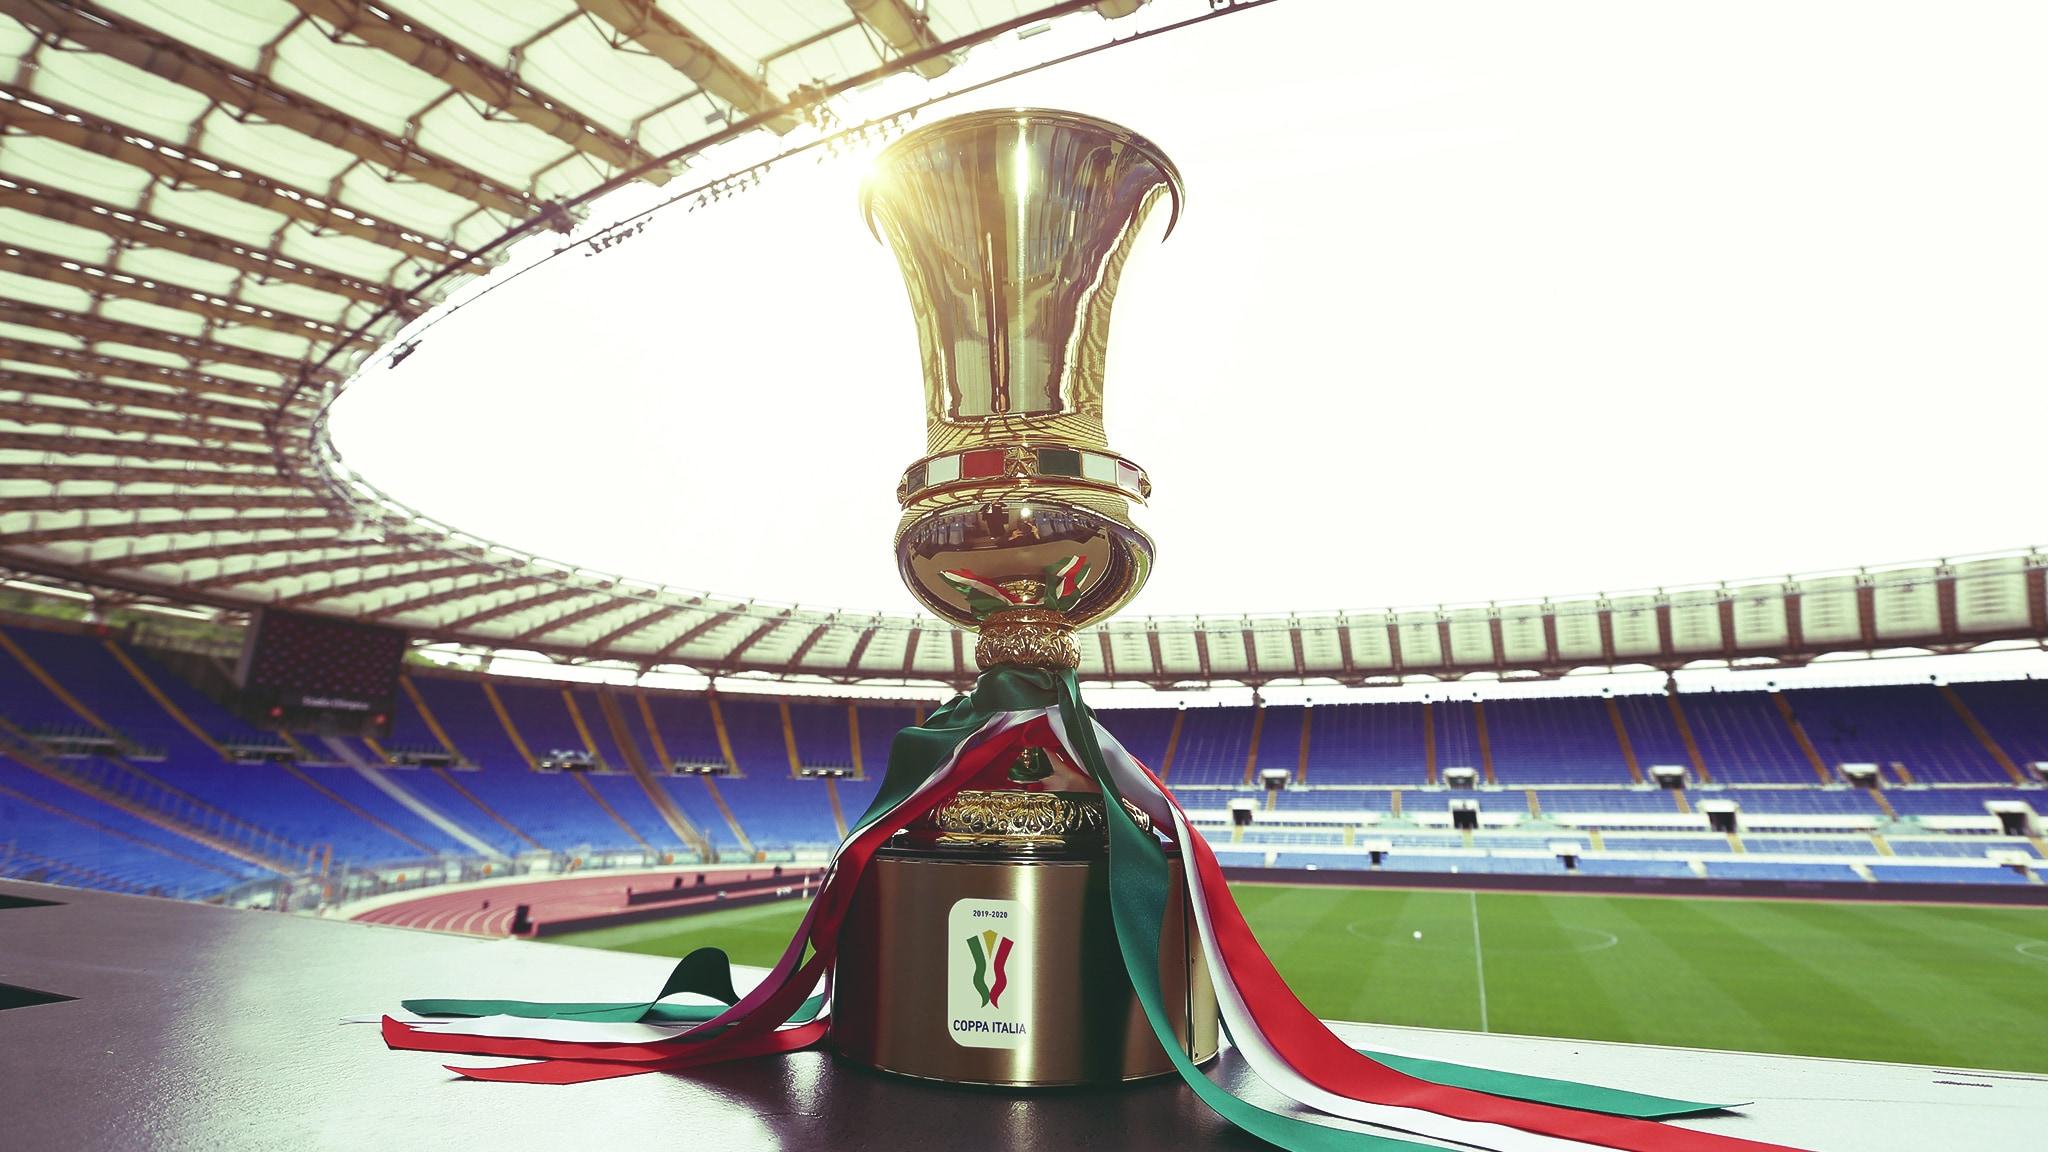 Rai 2 Calcio, Coppa Italia: Napoli-Spezia